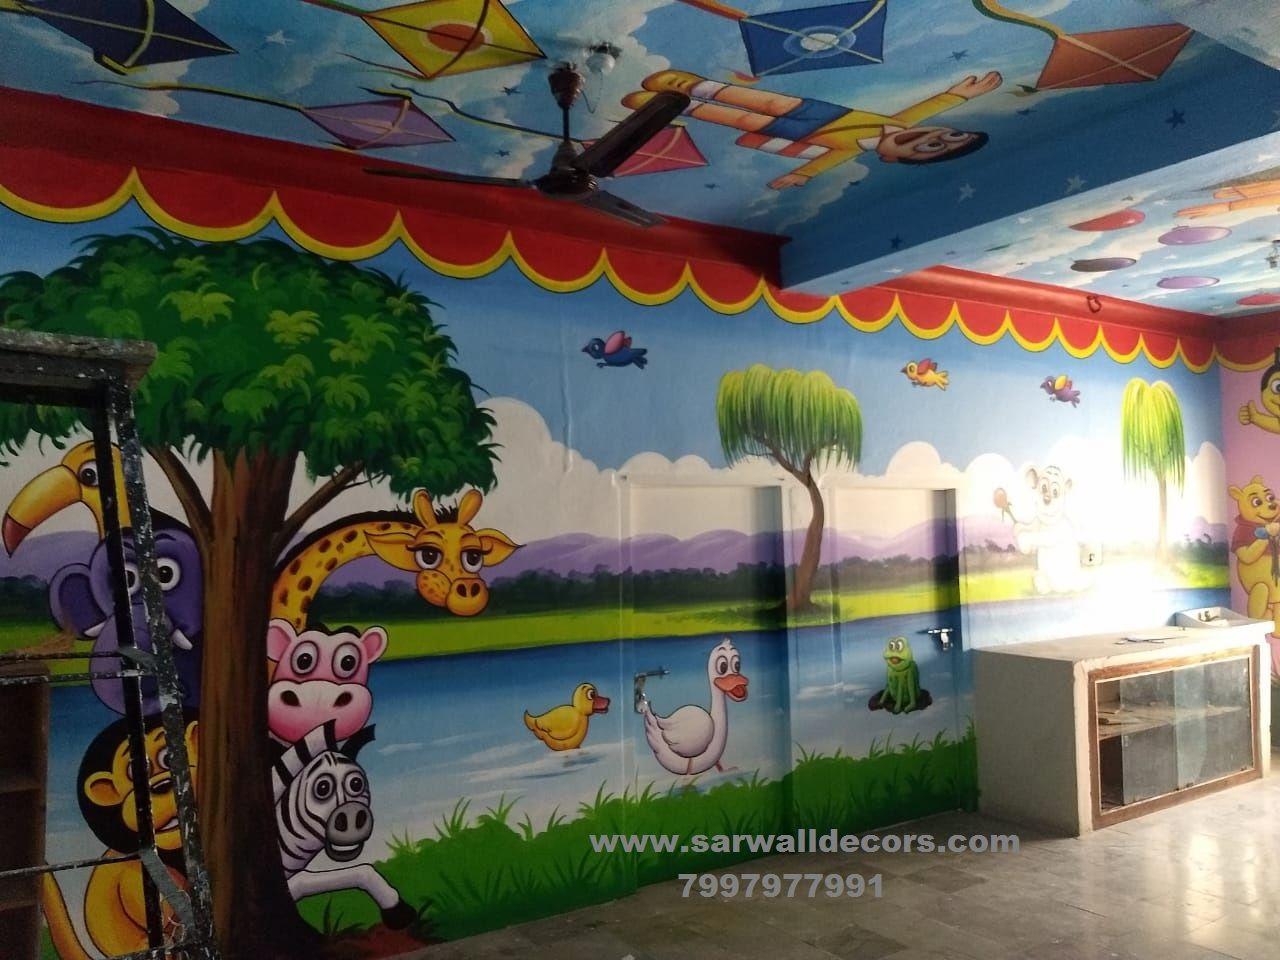 3d Wall Paint Art